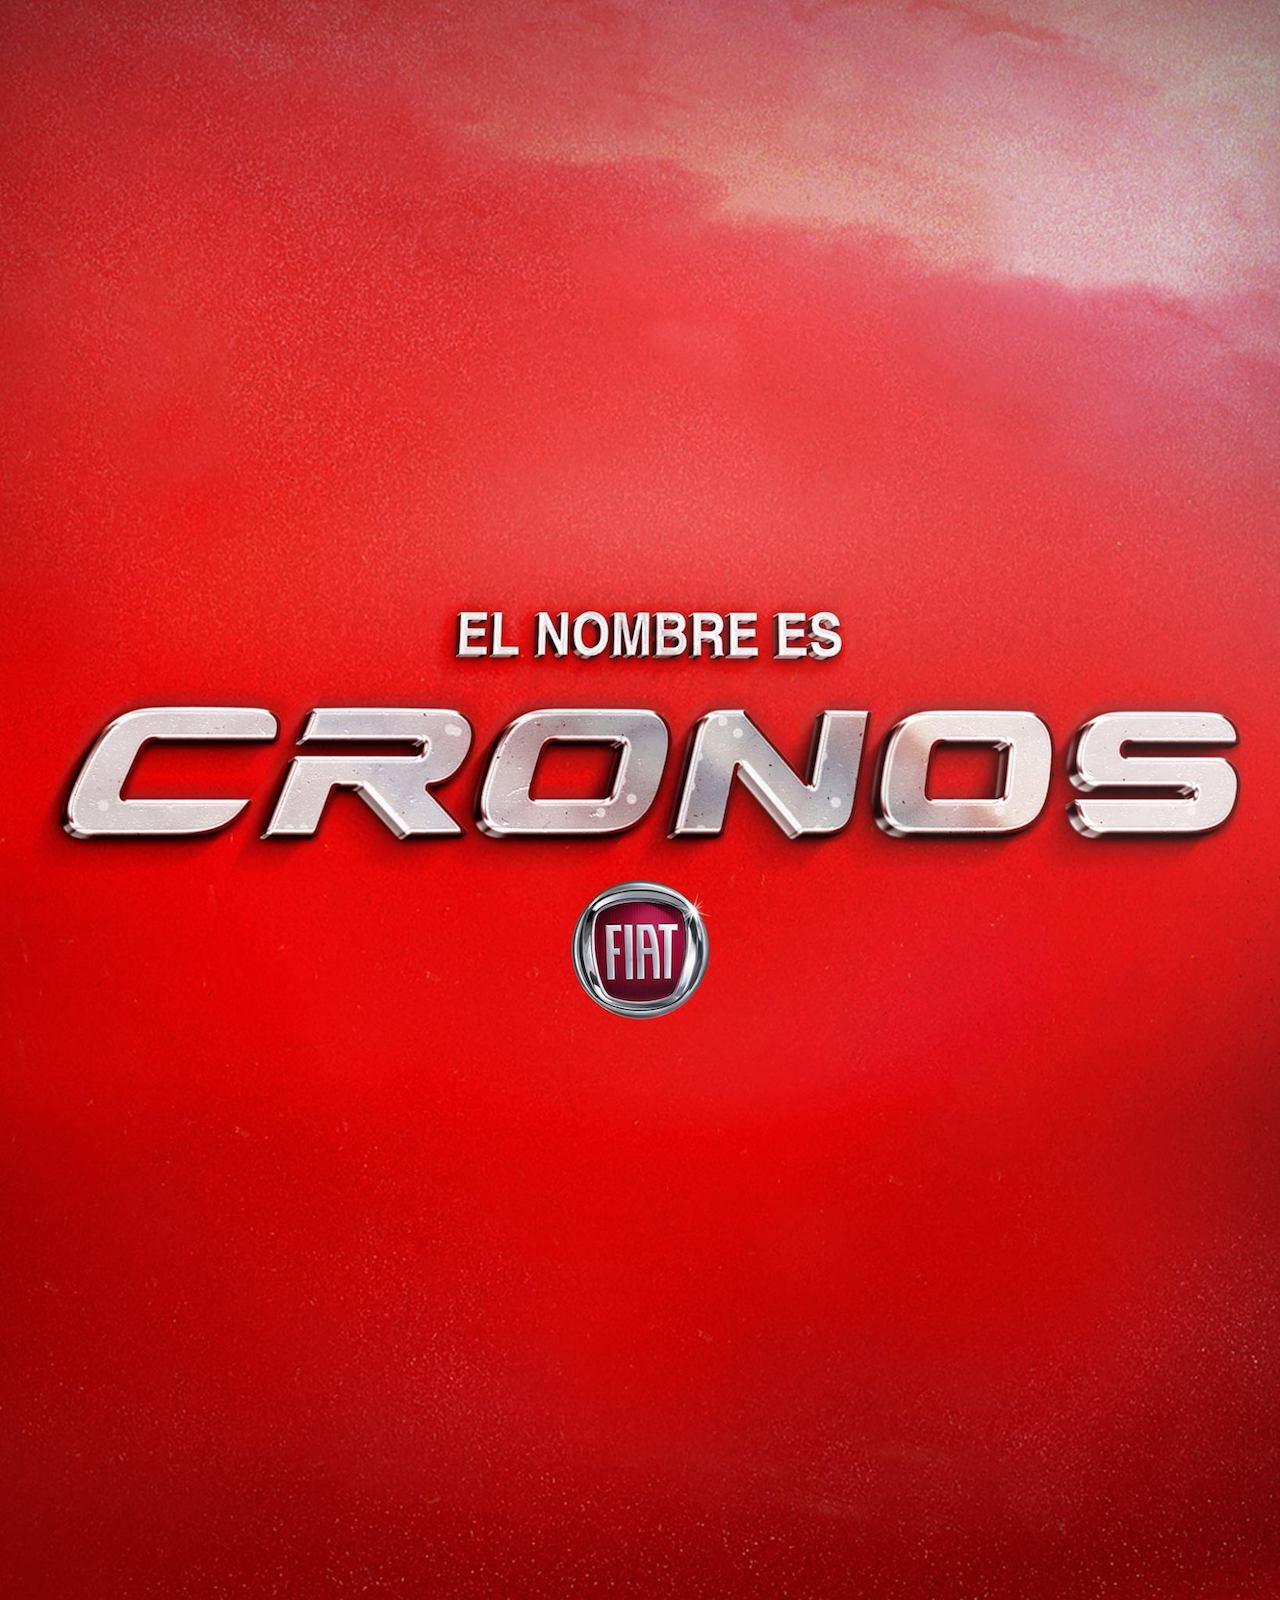 Fiat Cronos name